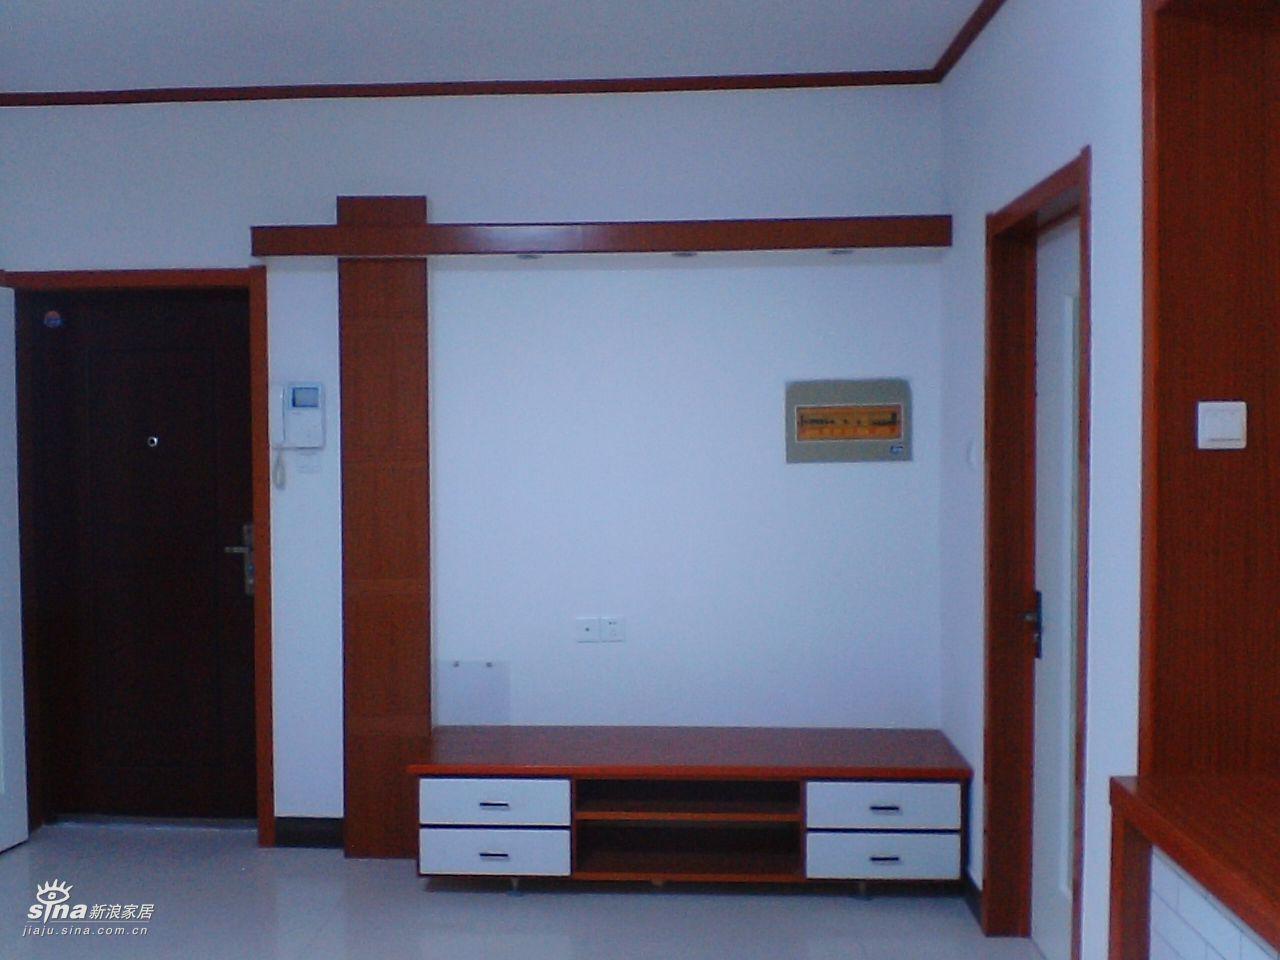 鞋柜与挂衣柜一体图片 家装秀 新浪装修家居网高清图片